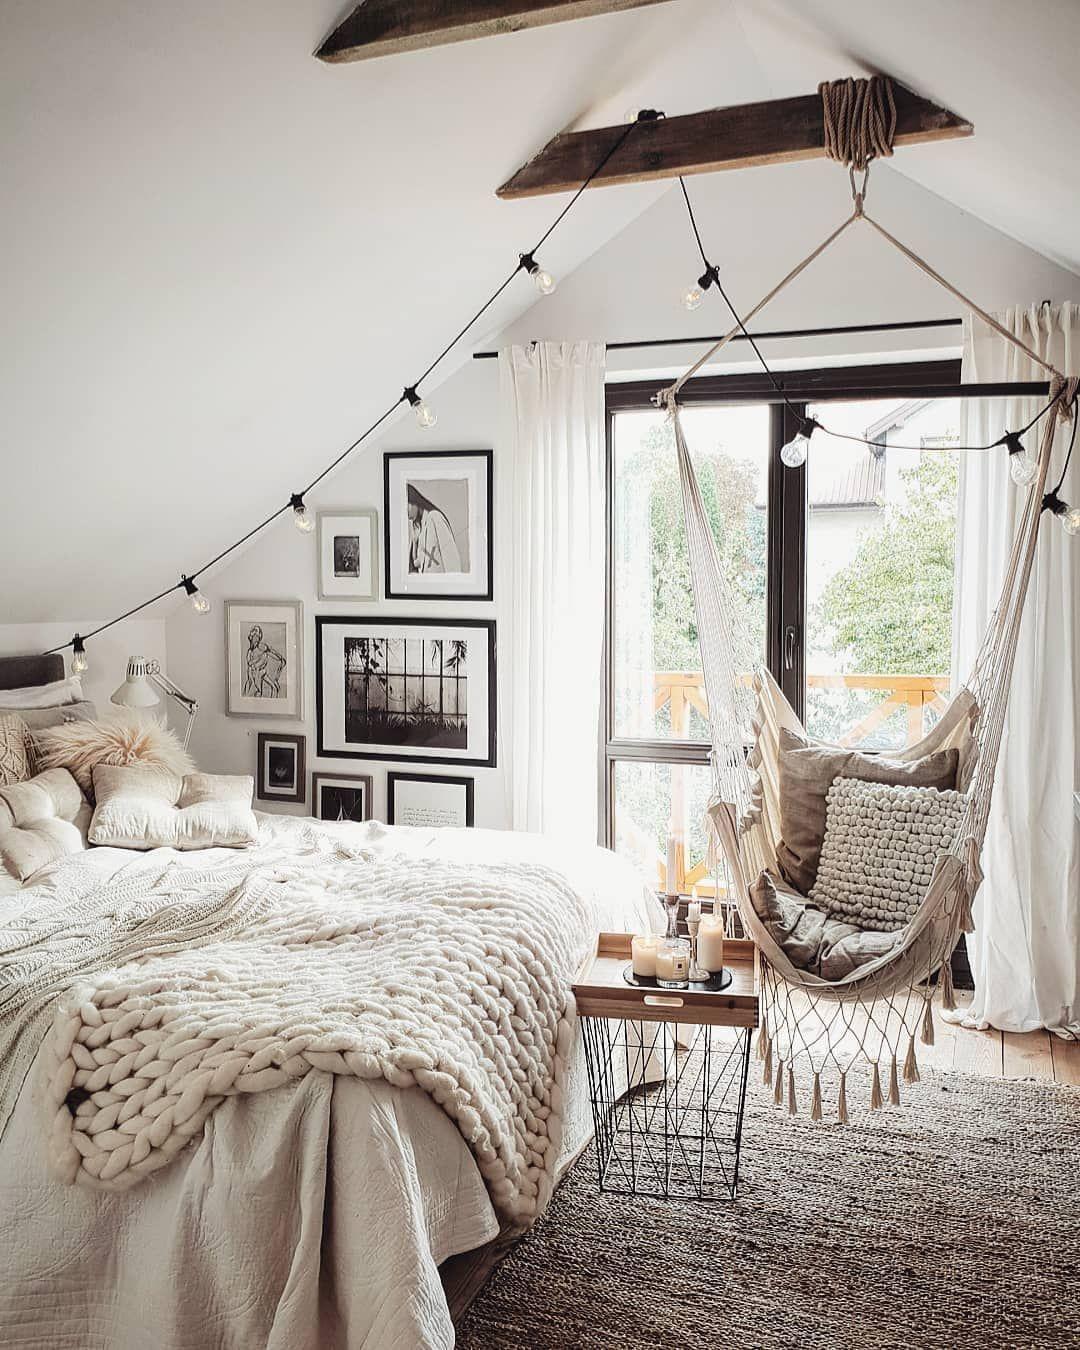 Cozy Hygge Bedroom Decor - Cozy Bedroom Ideas